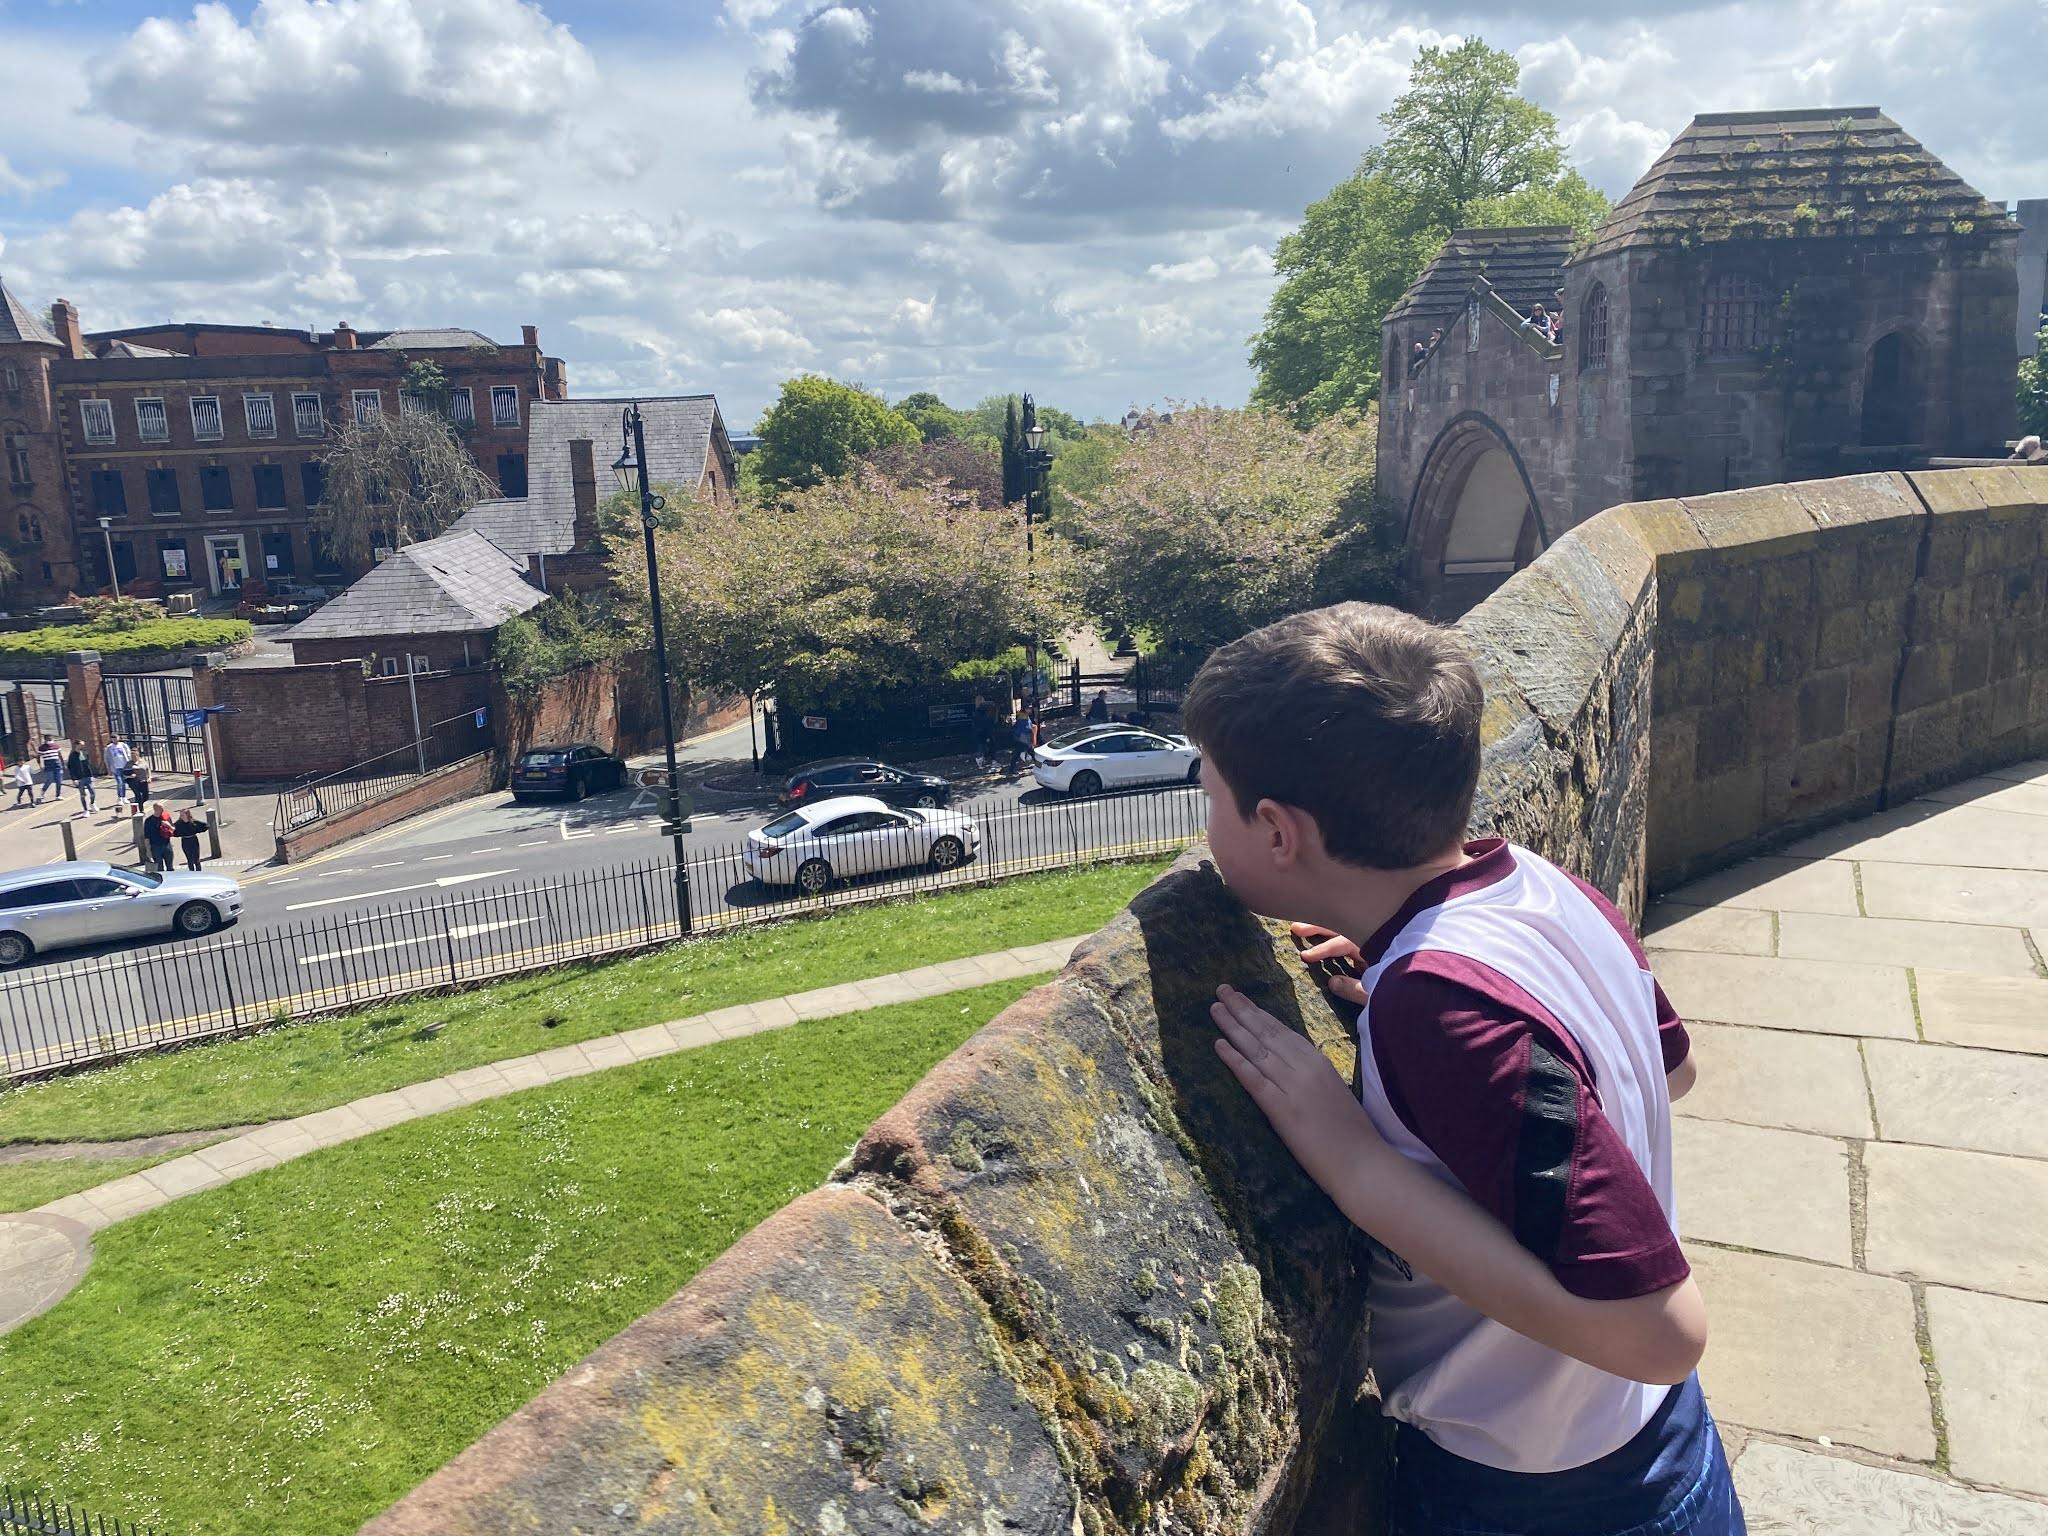 boy overlooking a wall